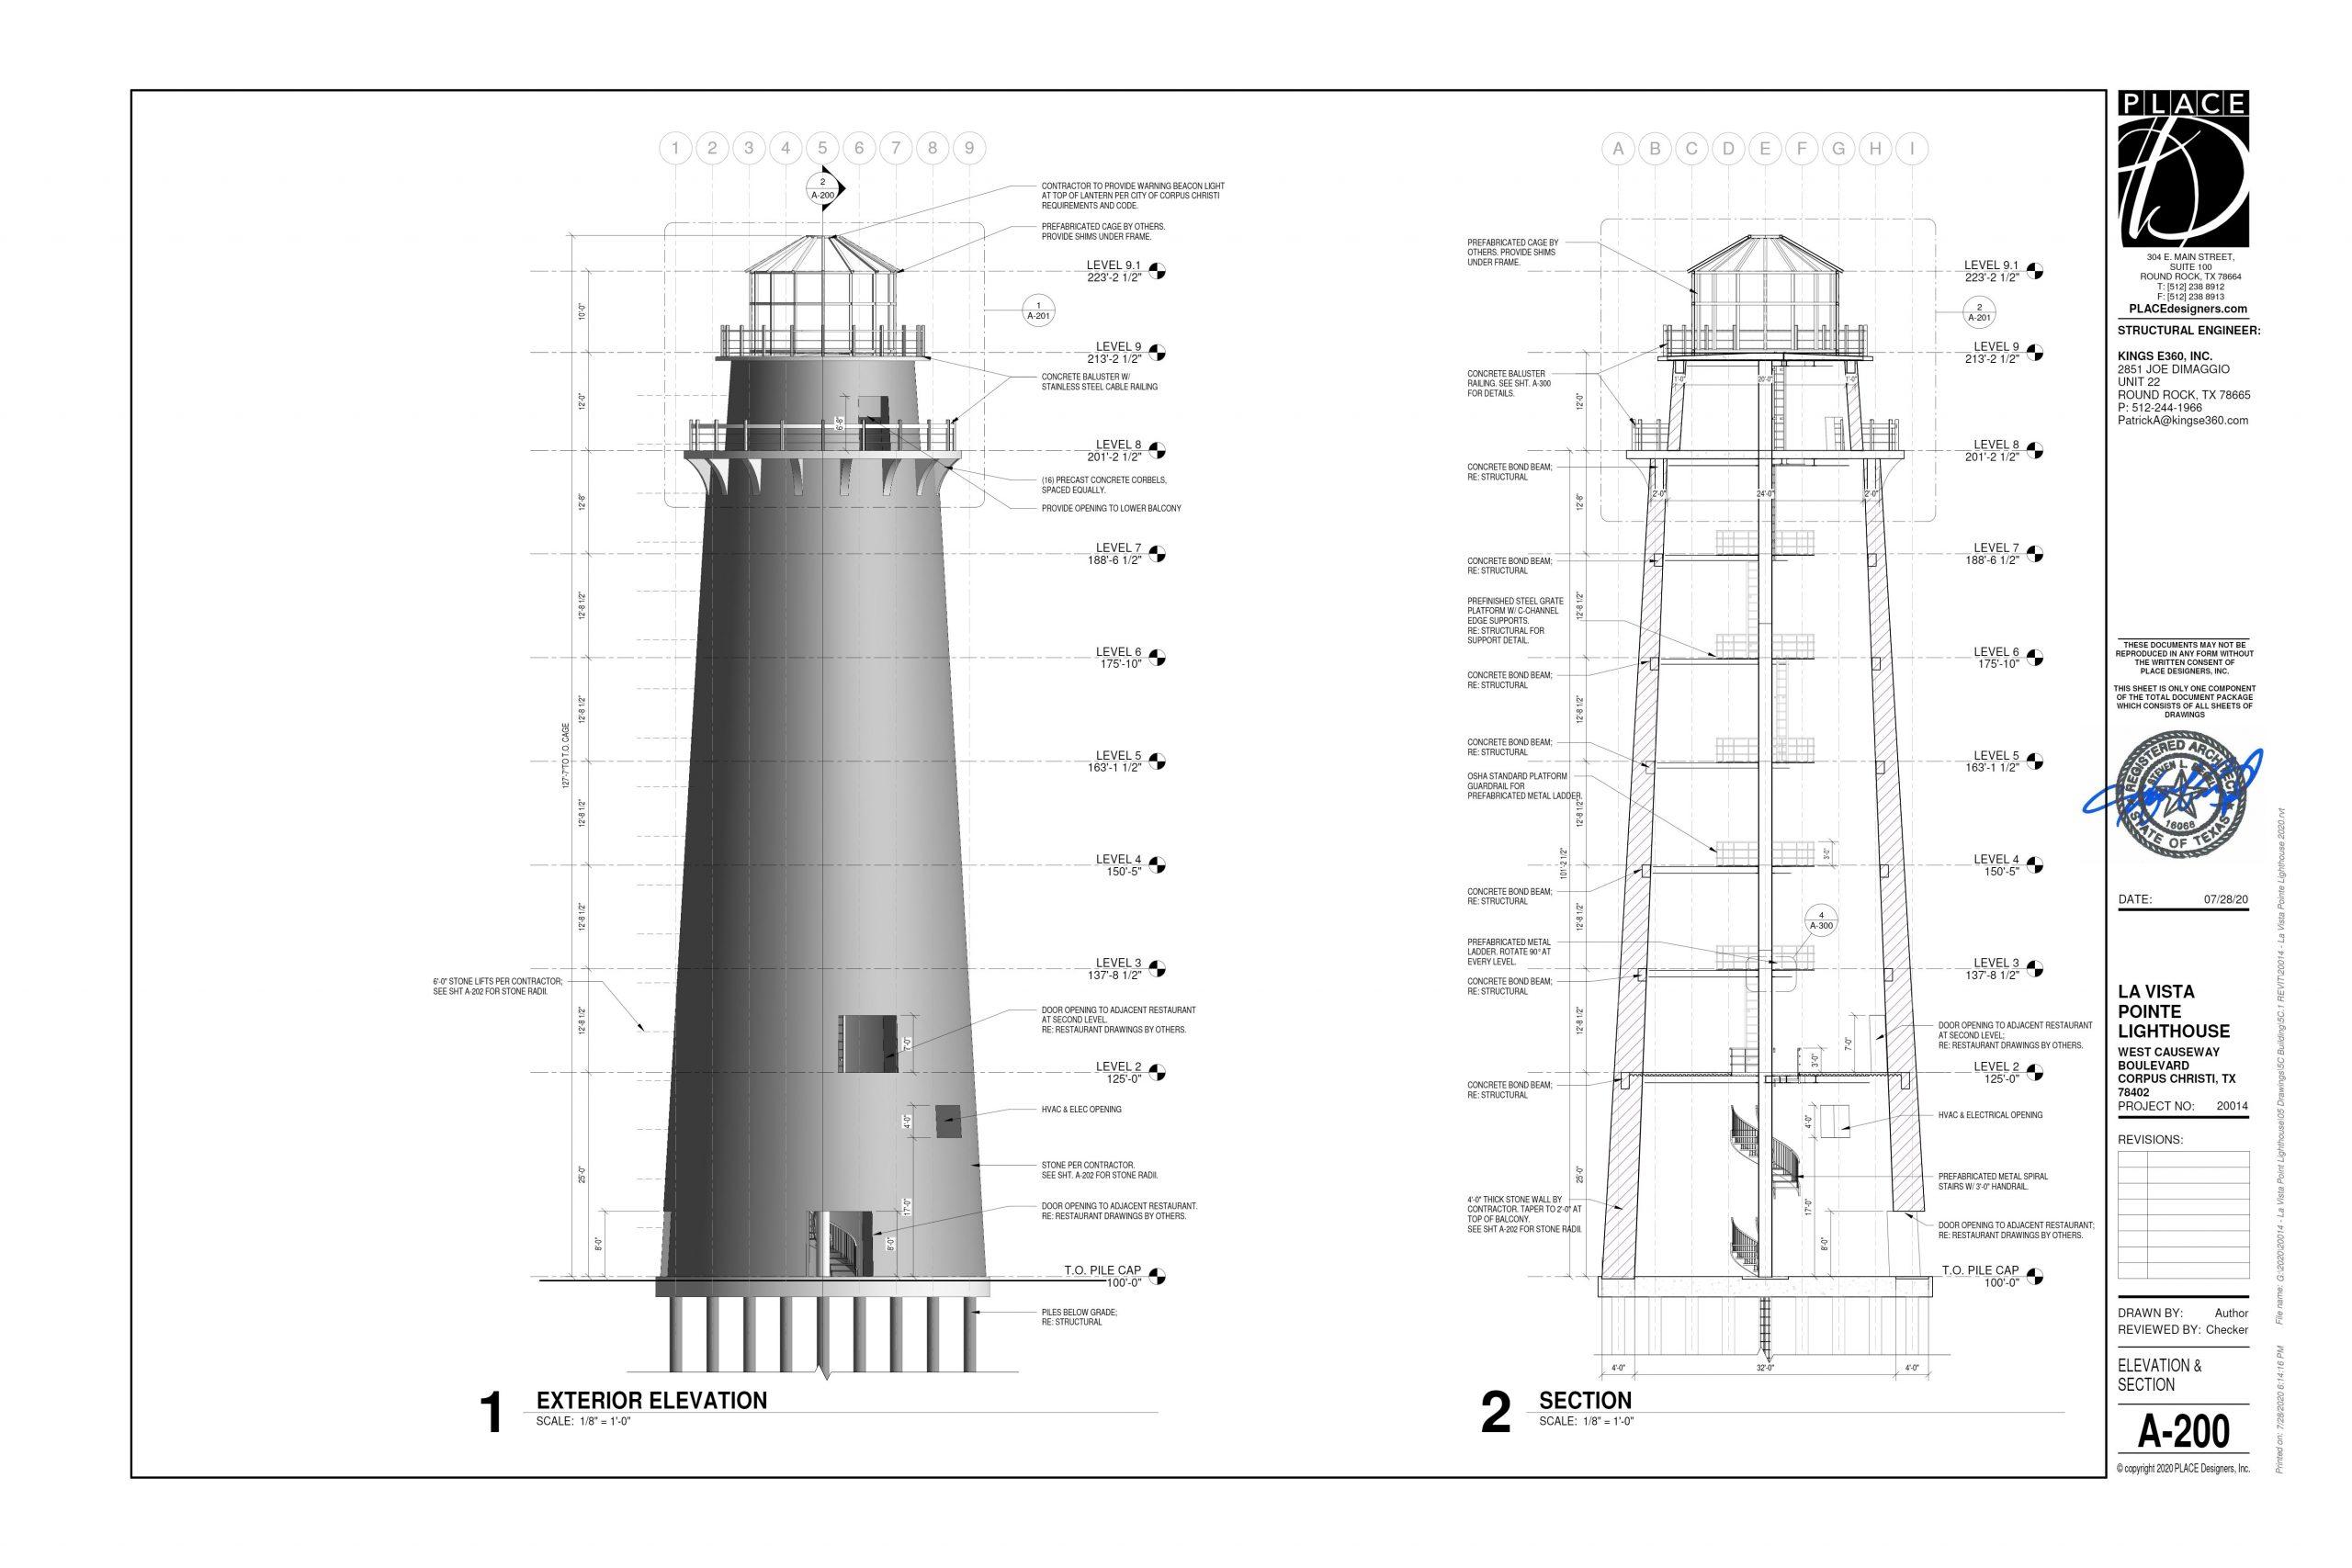 20014 - La Vista Pointe Lighthouse - Elevation & Section-1